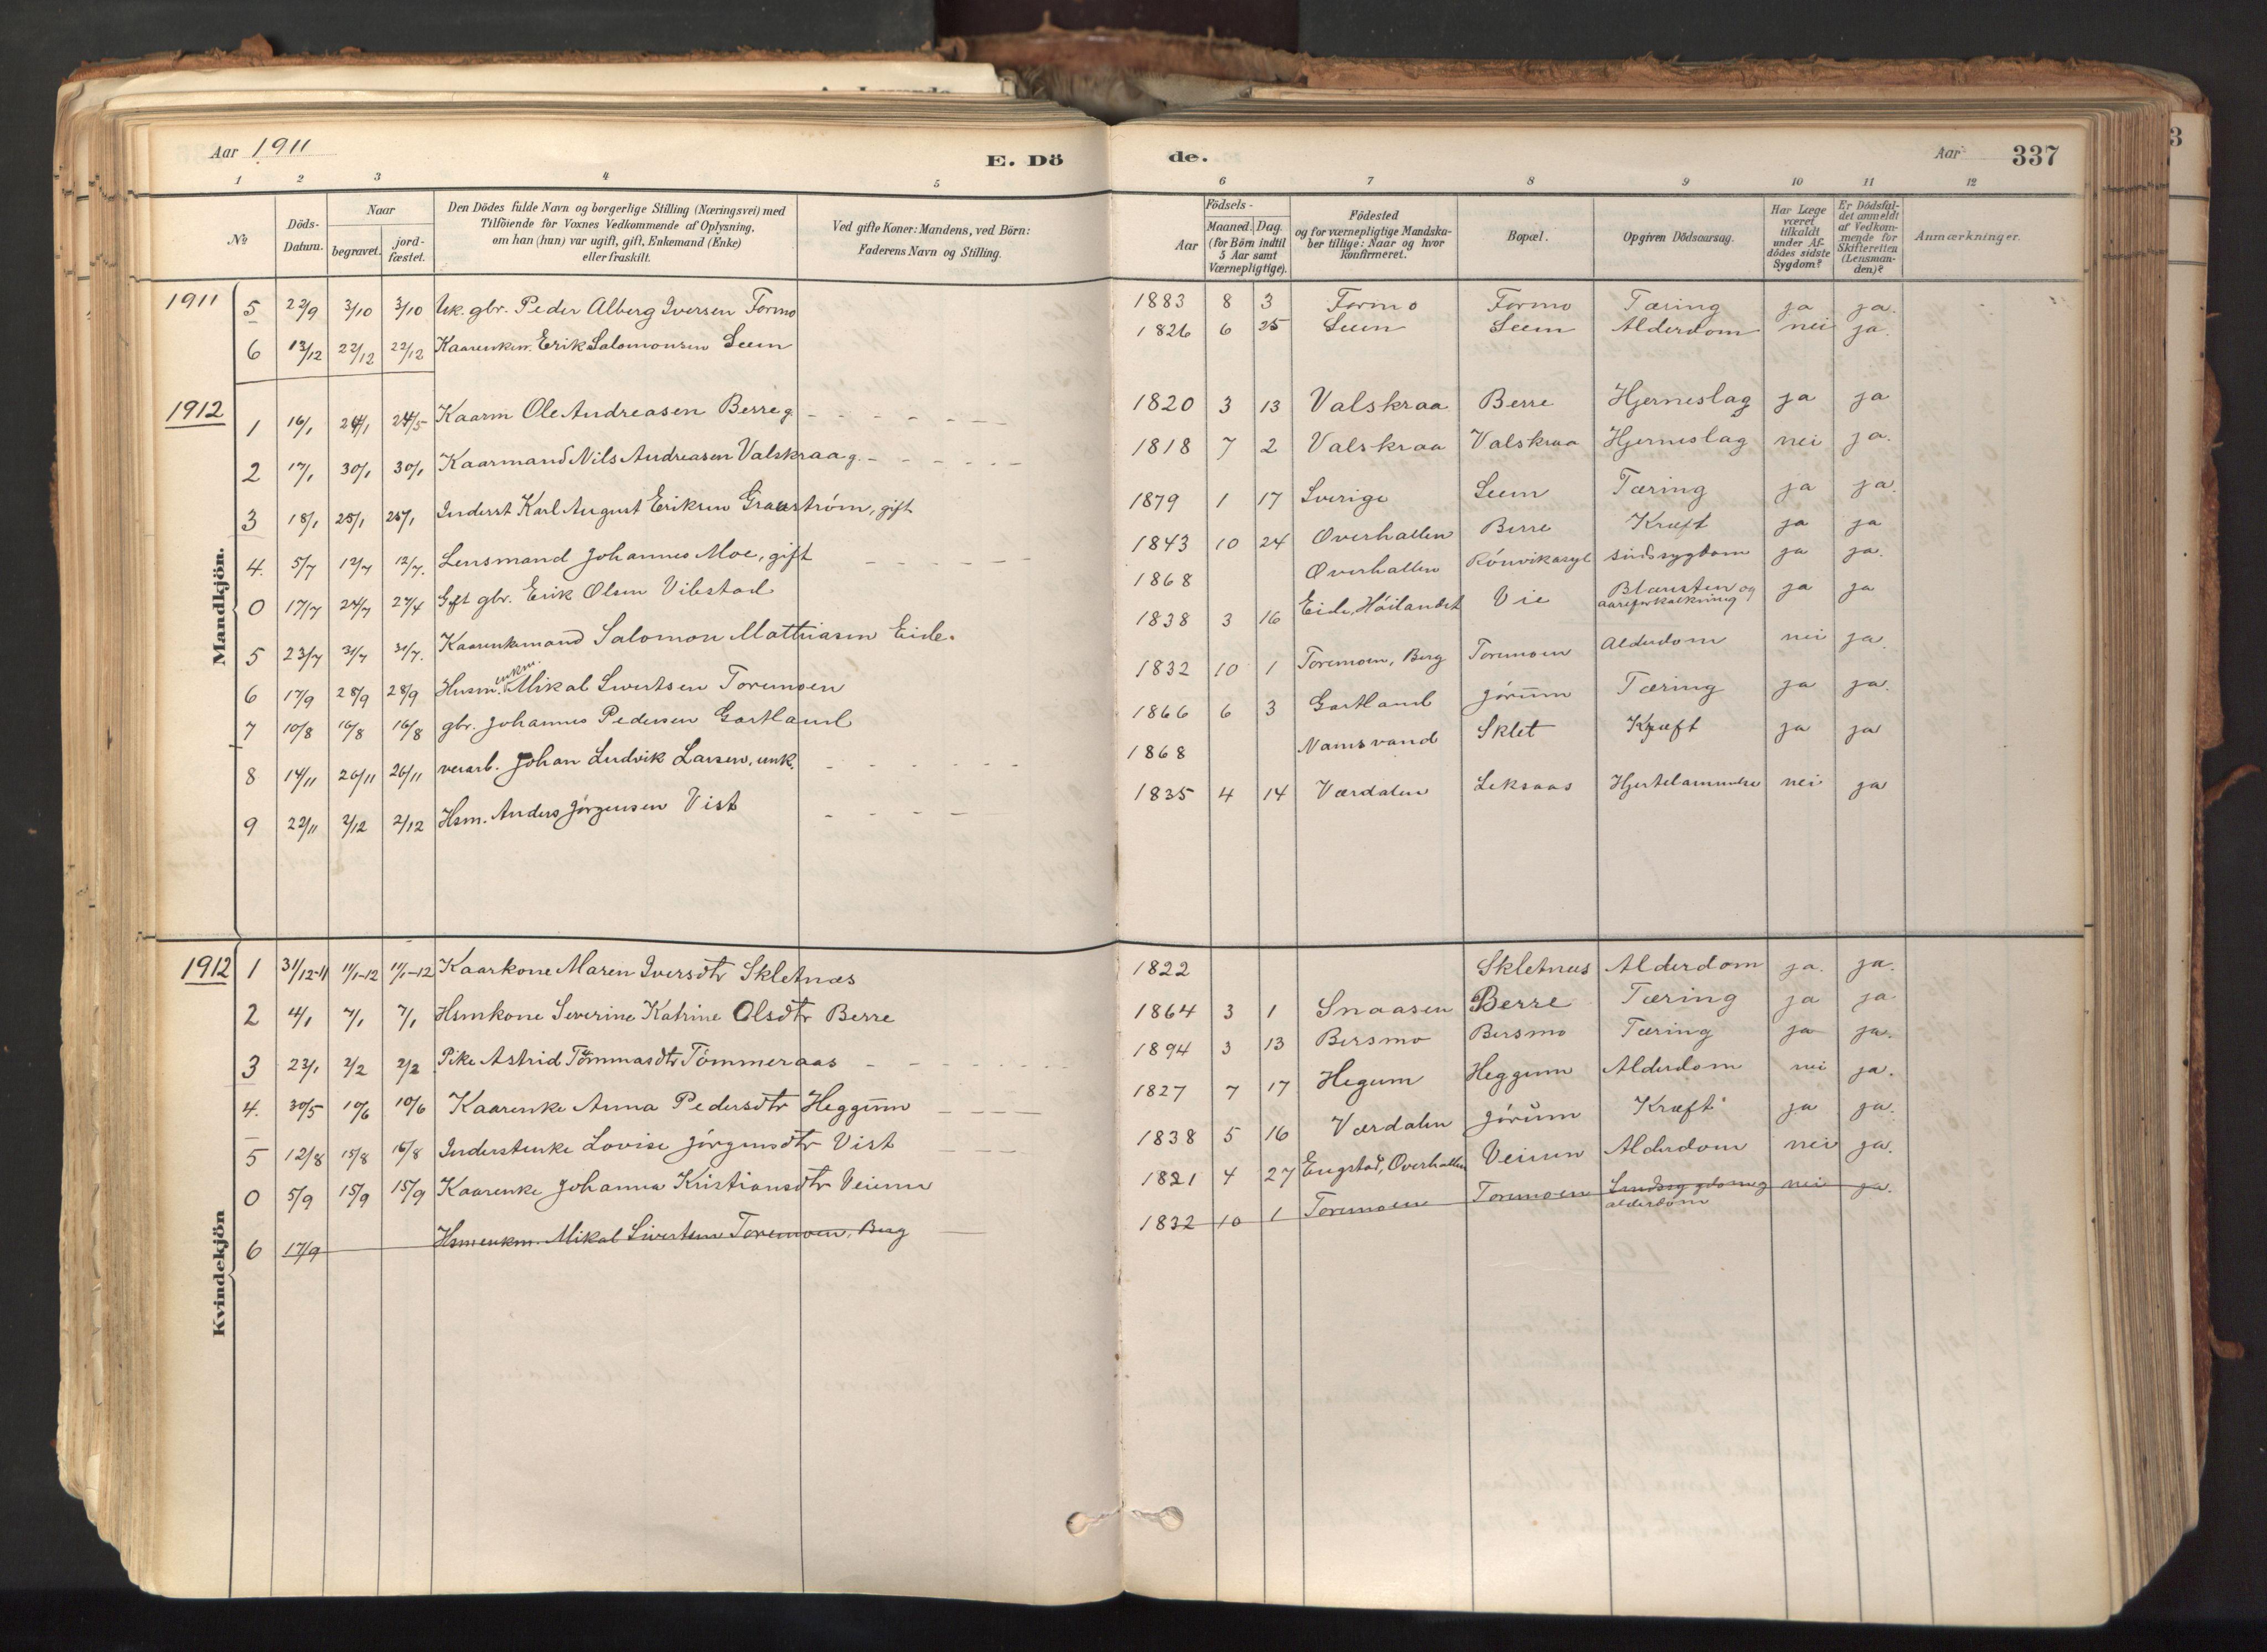 SAT, Ministerialprotokoller, klokkerbøker og fødselsregistre - Nord-Trøndelag, 758/L0519: Ministerialbok nr. 758A04, 1880-1926, s. 337